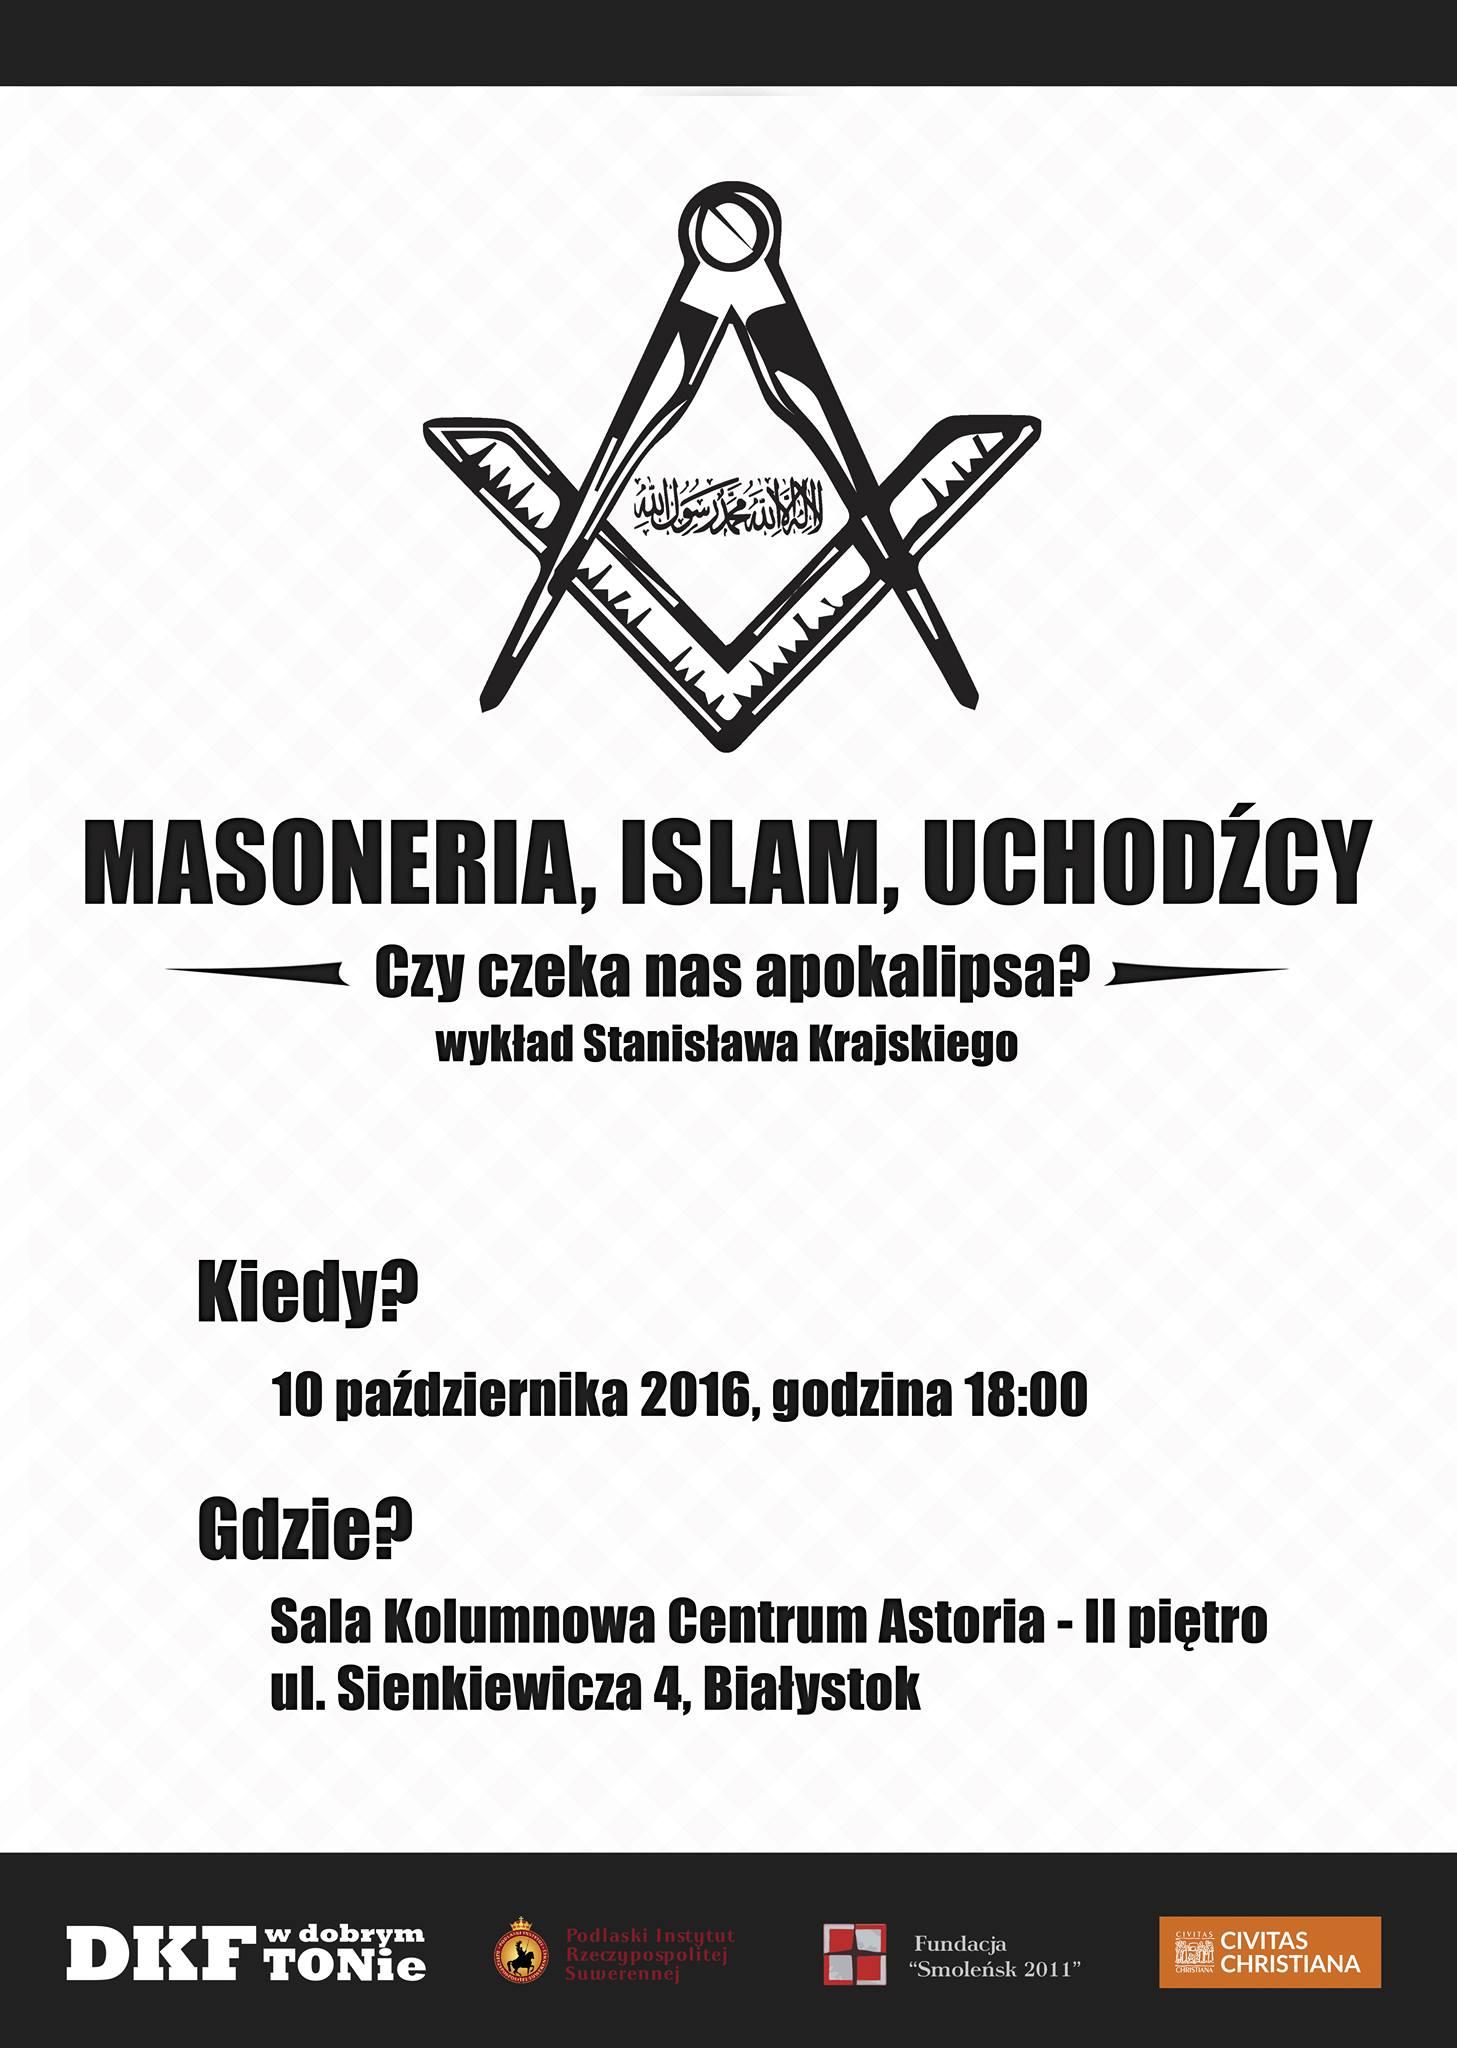 masoneria-islam-uchodzcy